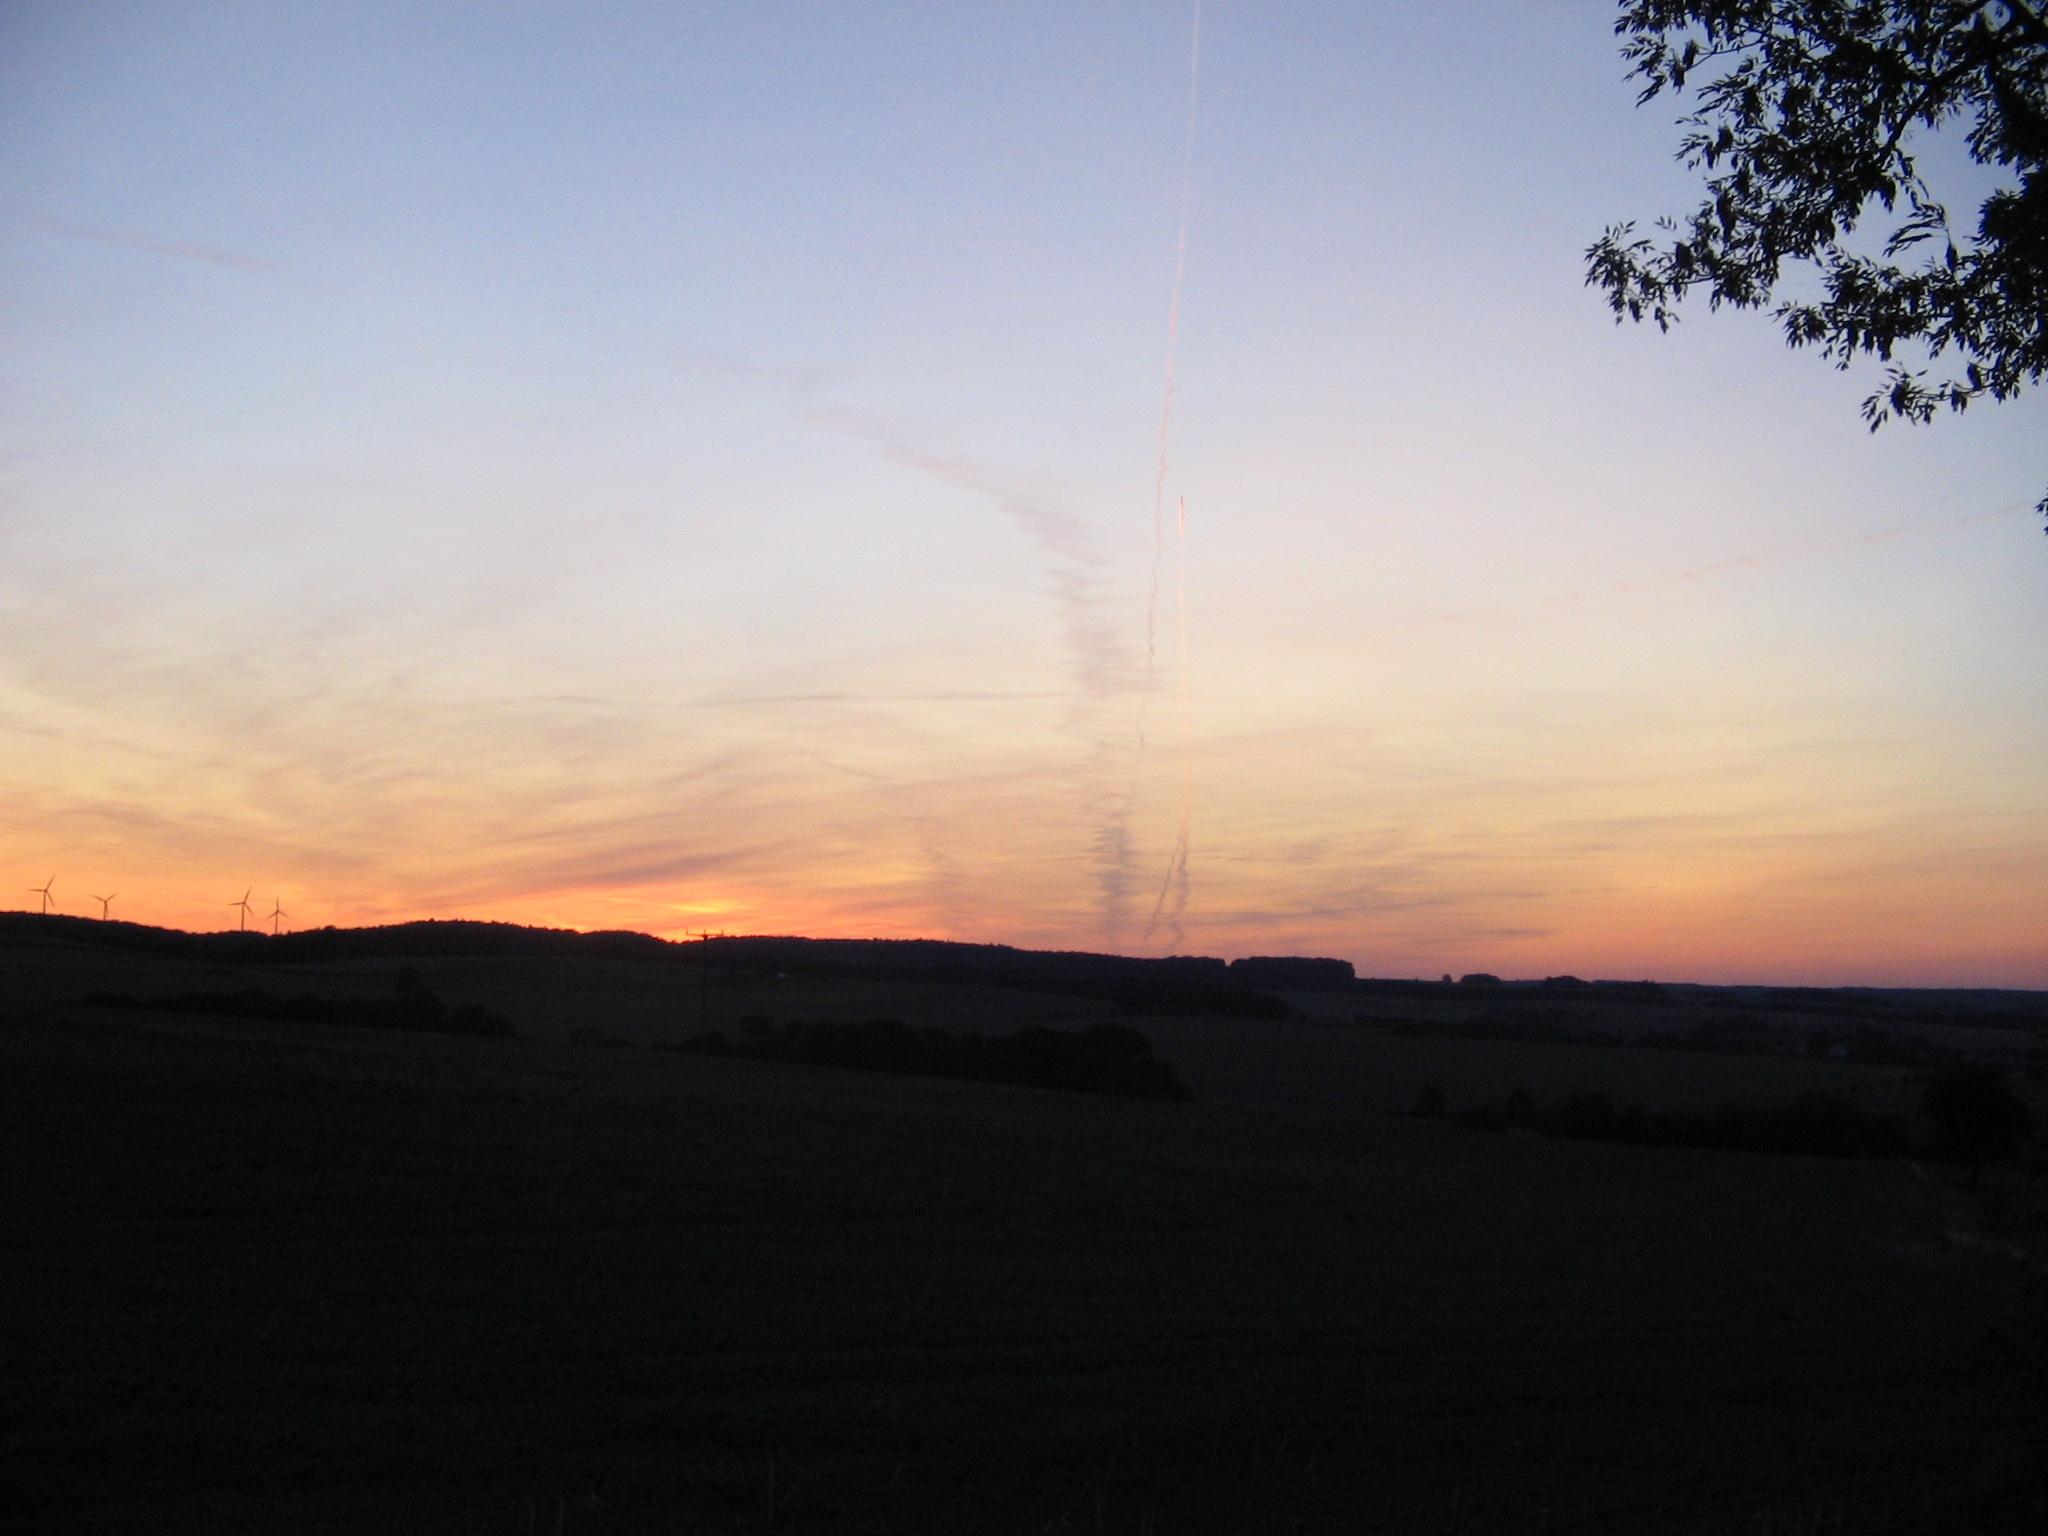 Klicken Sie auf die Grafik für eine größere Ansicht  Name:Cunnerdorf Rtg Reihardsgrimma.jpg Hits:517 Größe:519,2 KB ID:478793